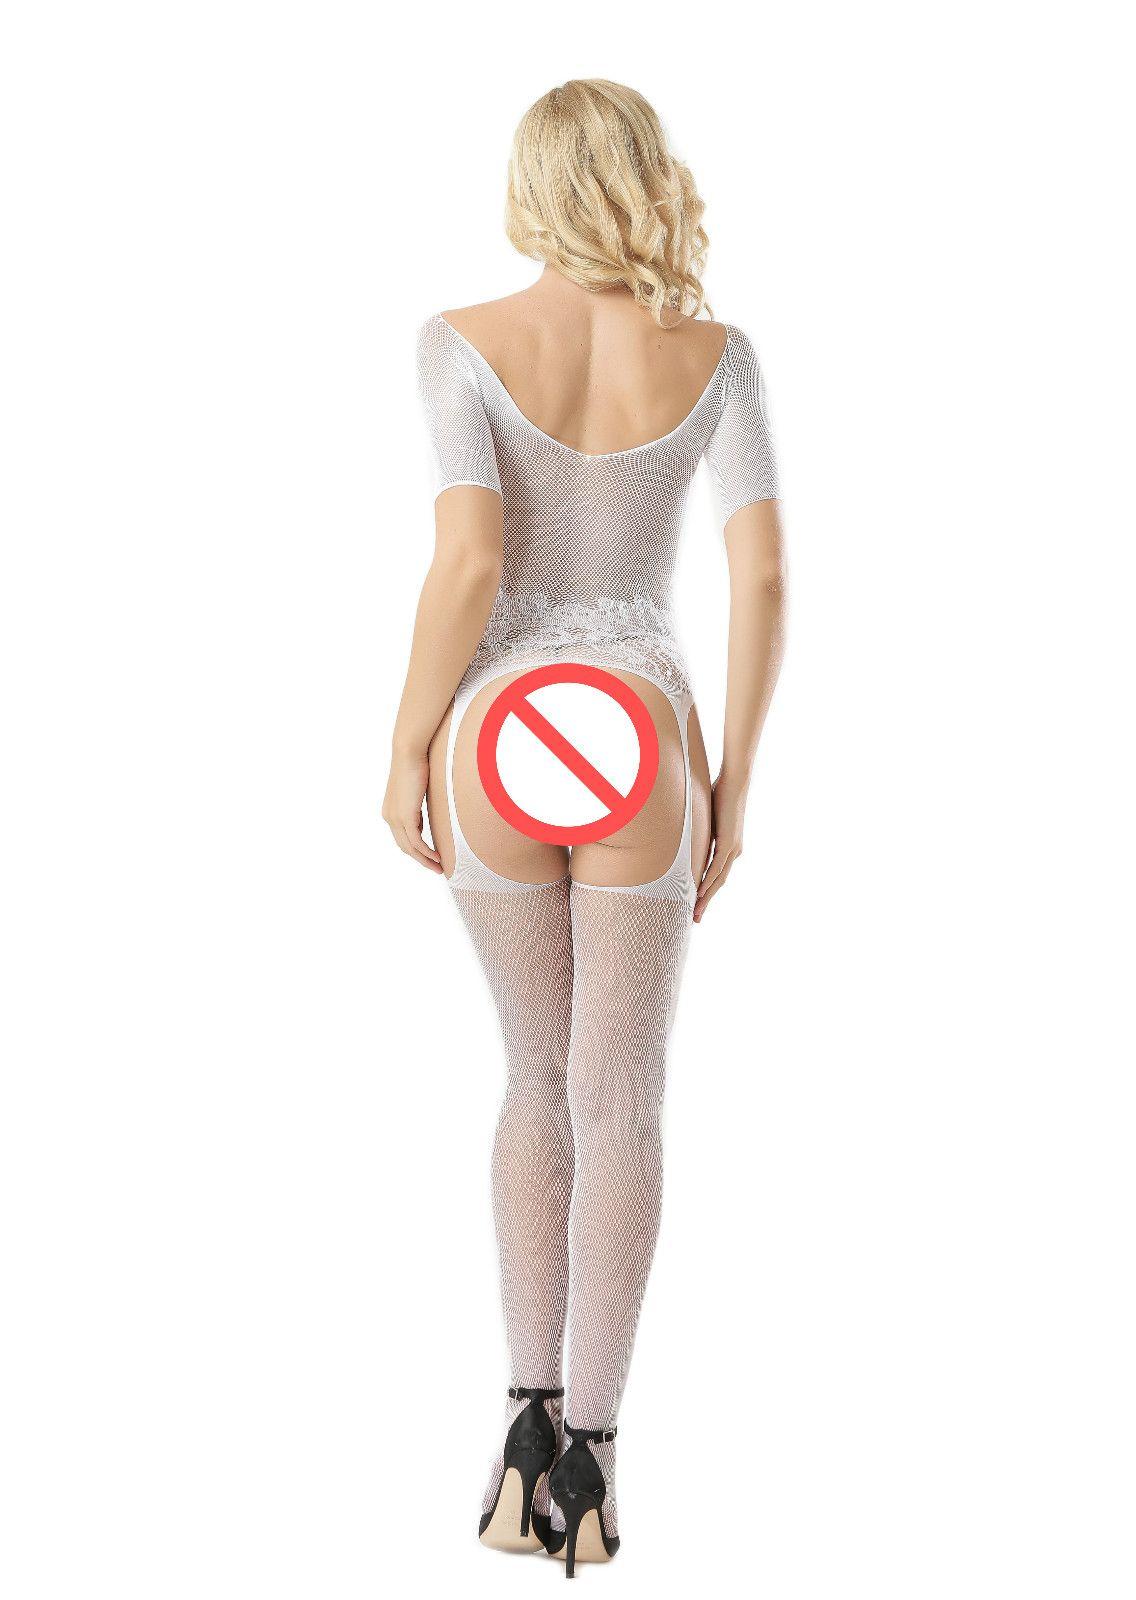 Sıcak Bayanlar File Bodysuit Garters çorap Kısa Kollu Açık Büst Seksi Bodystocking Gecelik Artı boyutu Sıkı İç